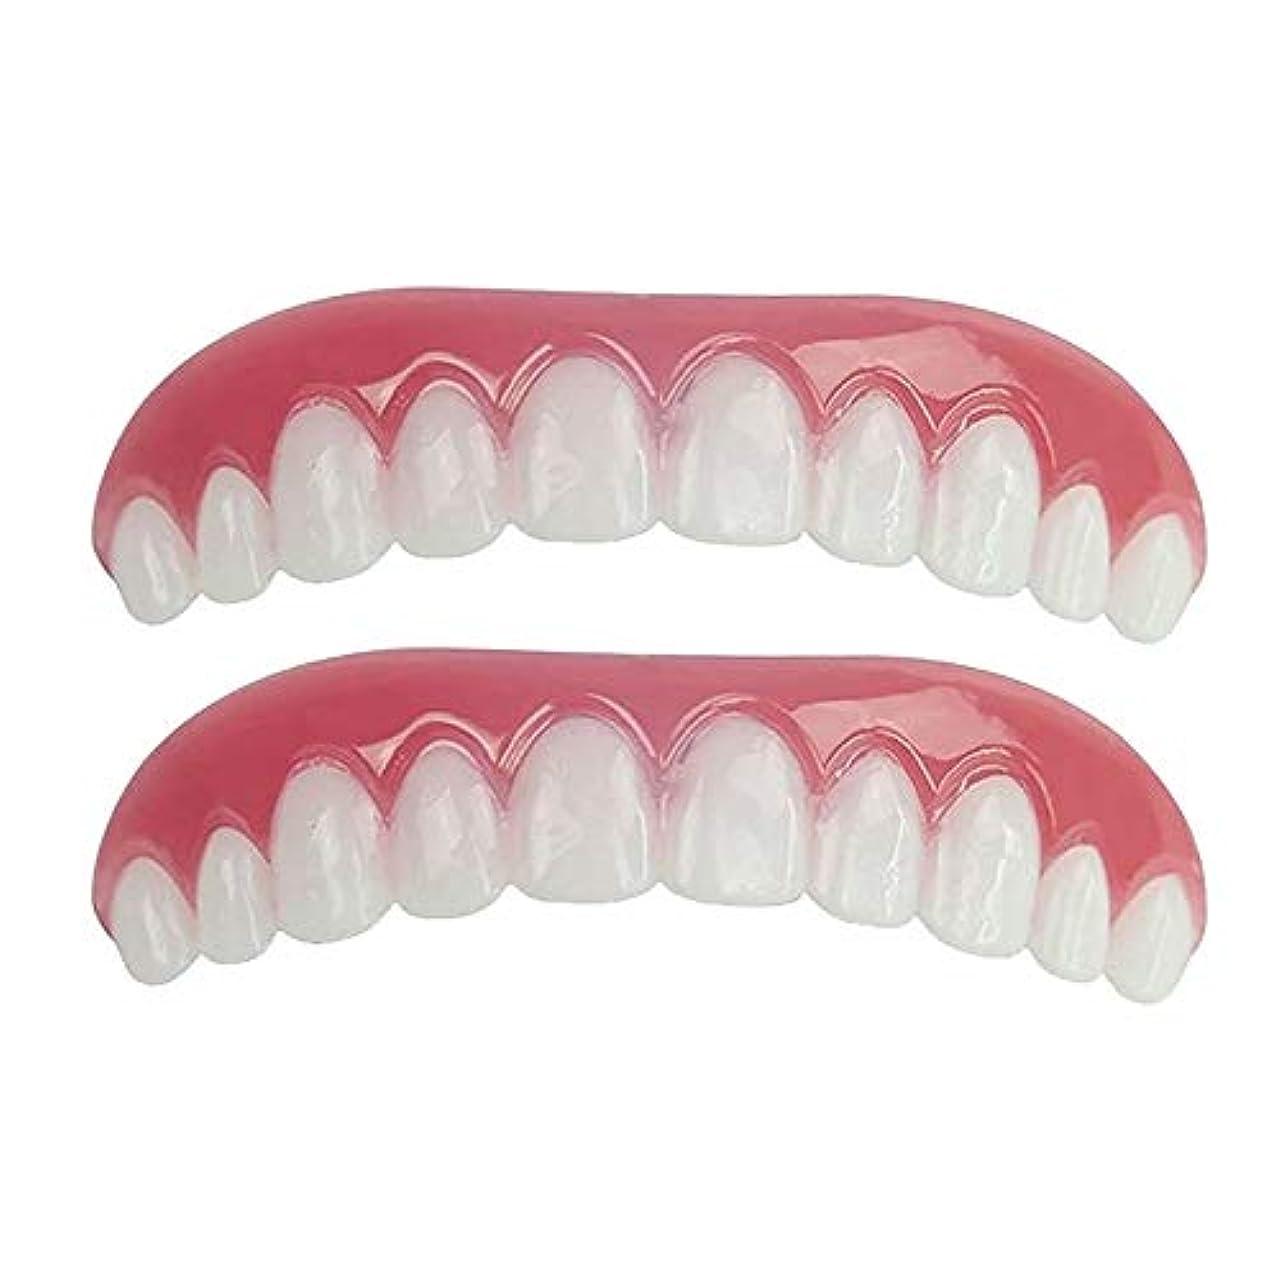 靄有限社交的シリコーンシミュレーション上下歯ブレース、ホワイトニング義歯(1セット),A